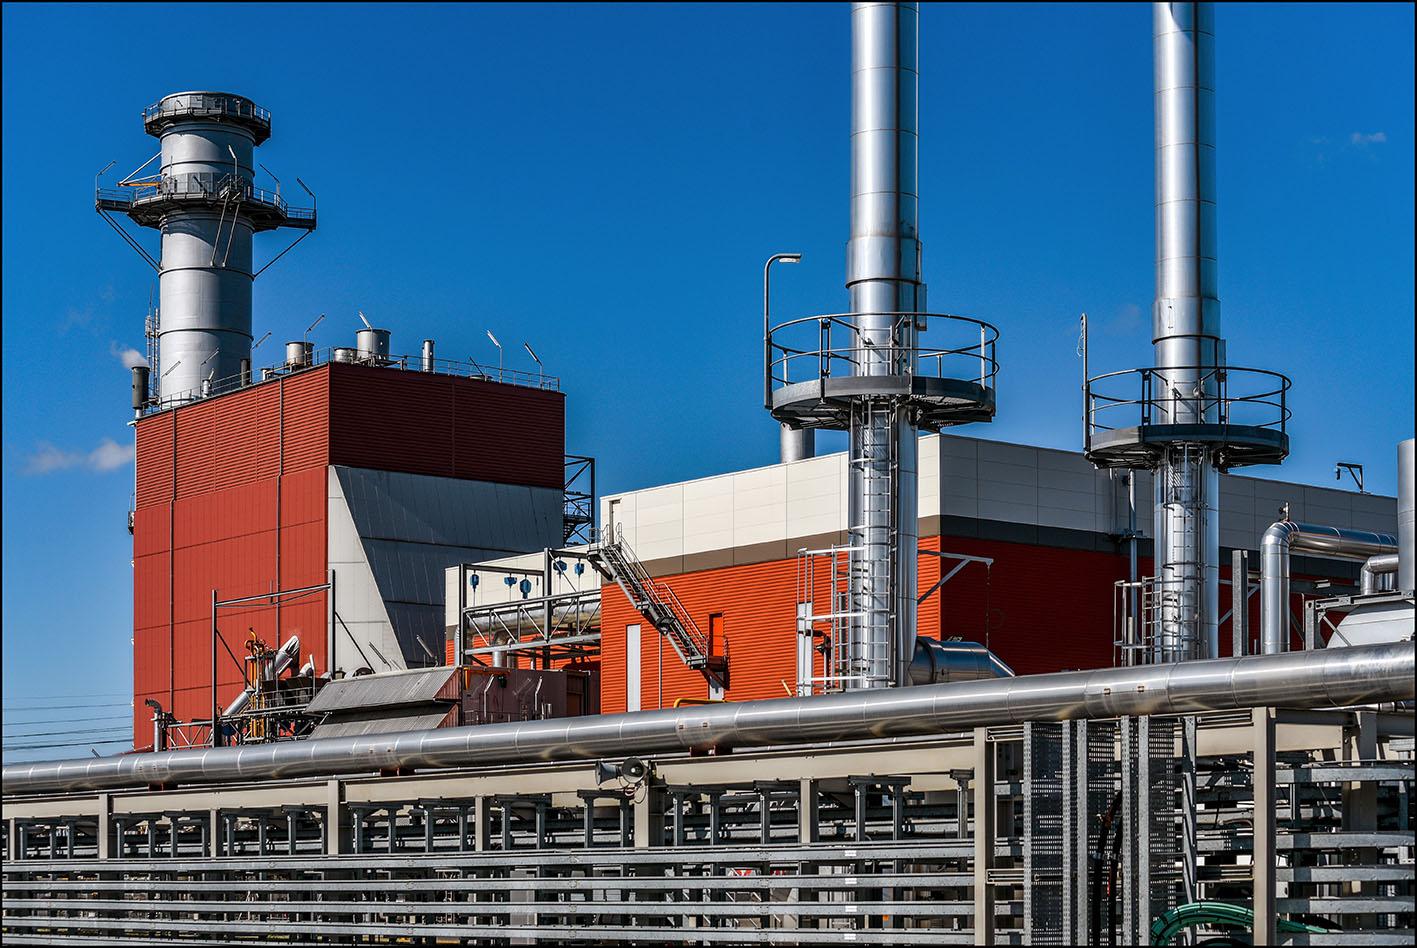 COM EDF, centrale thermique de Bouchain.